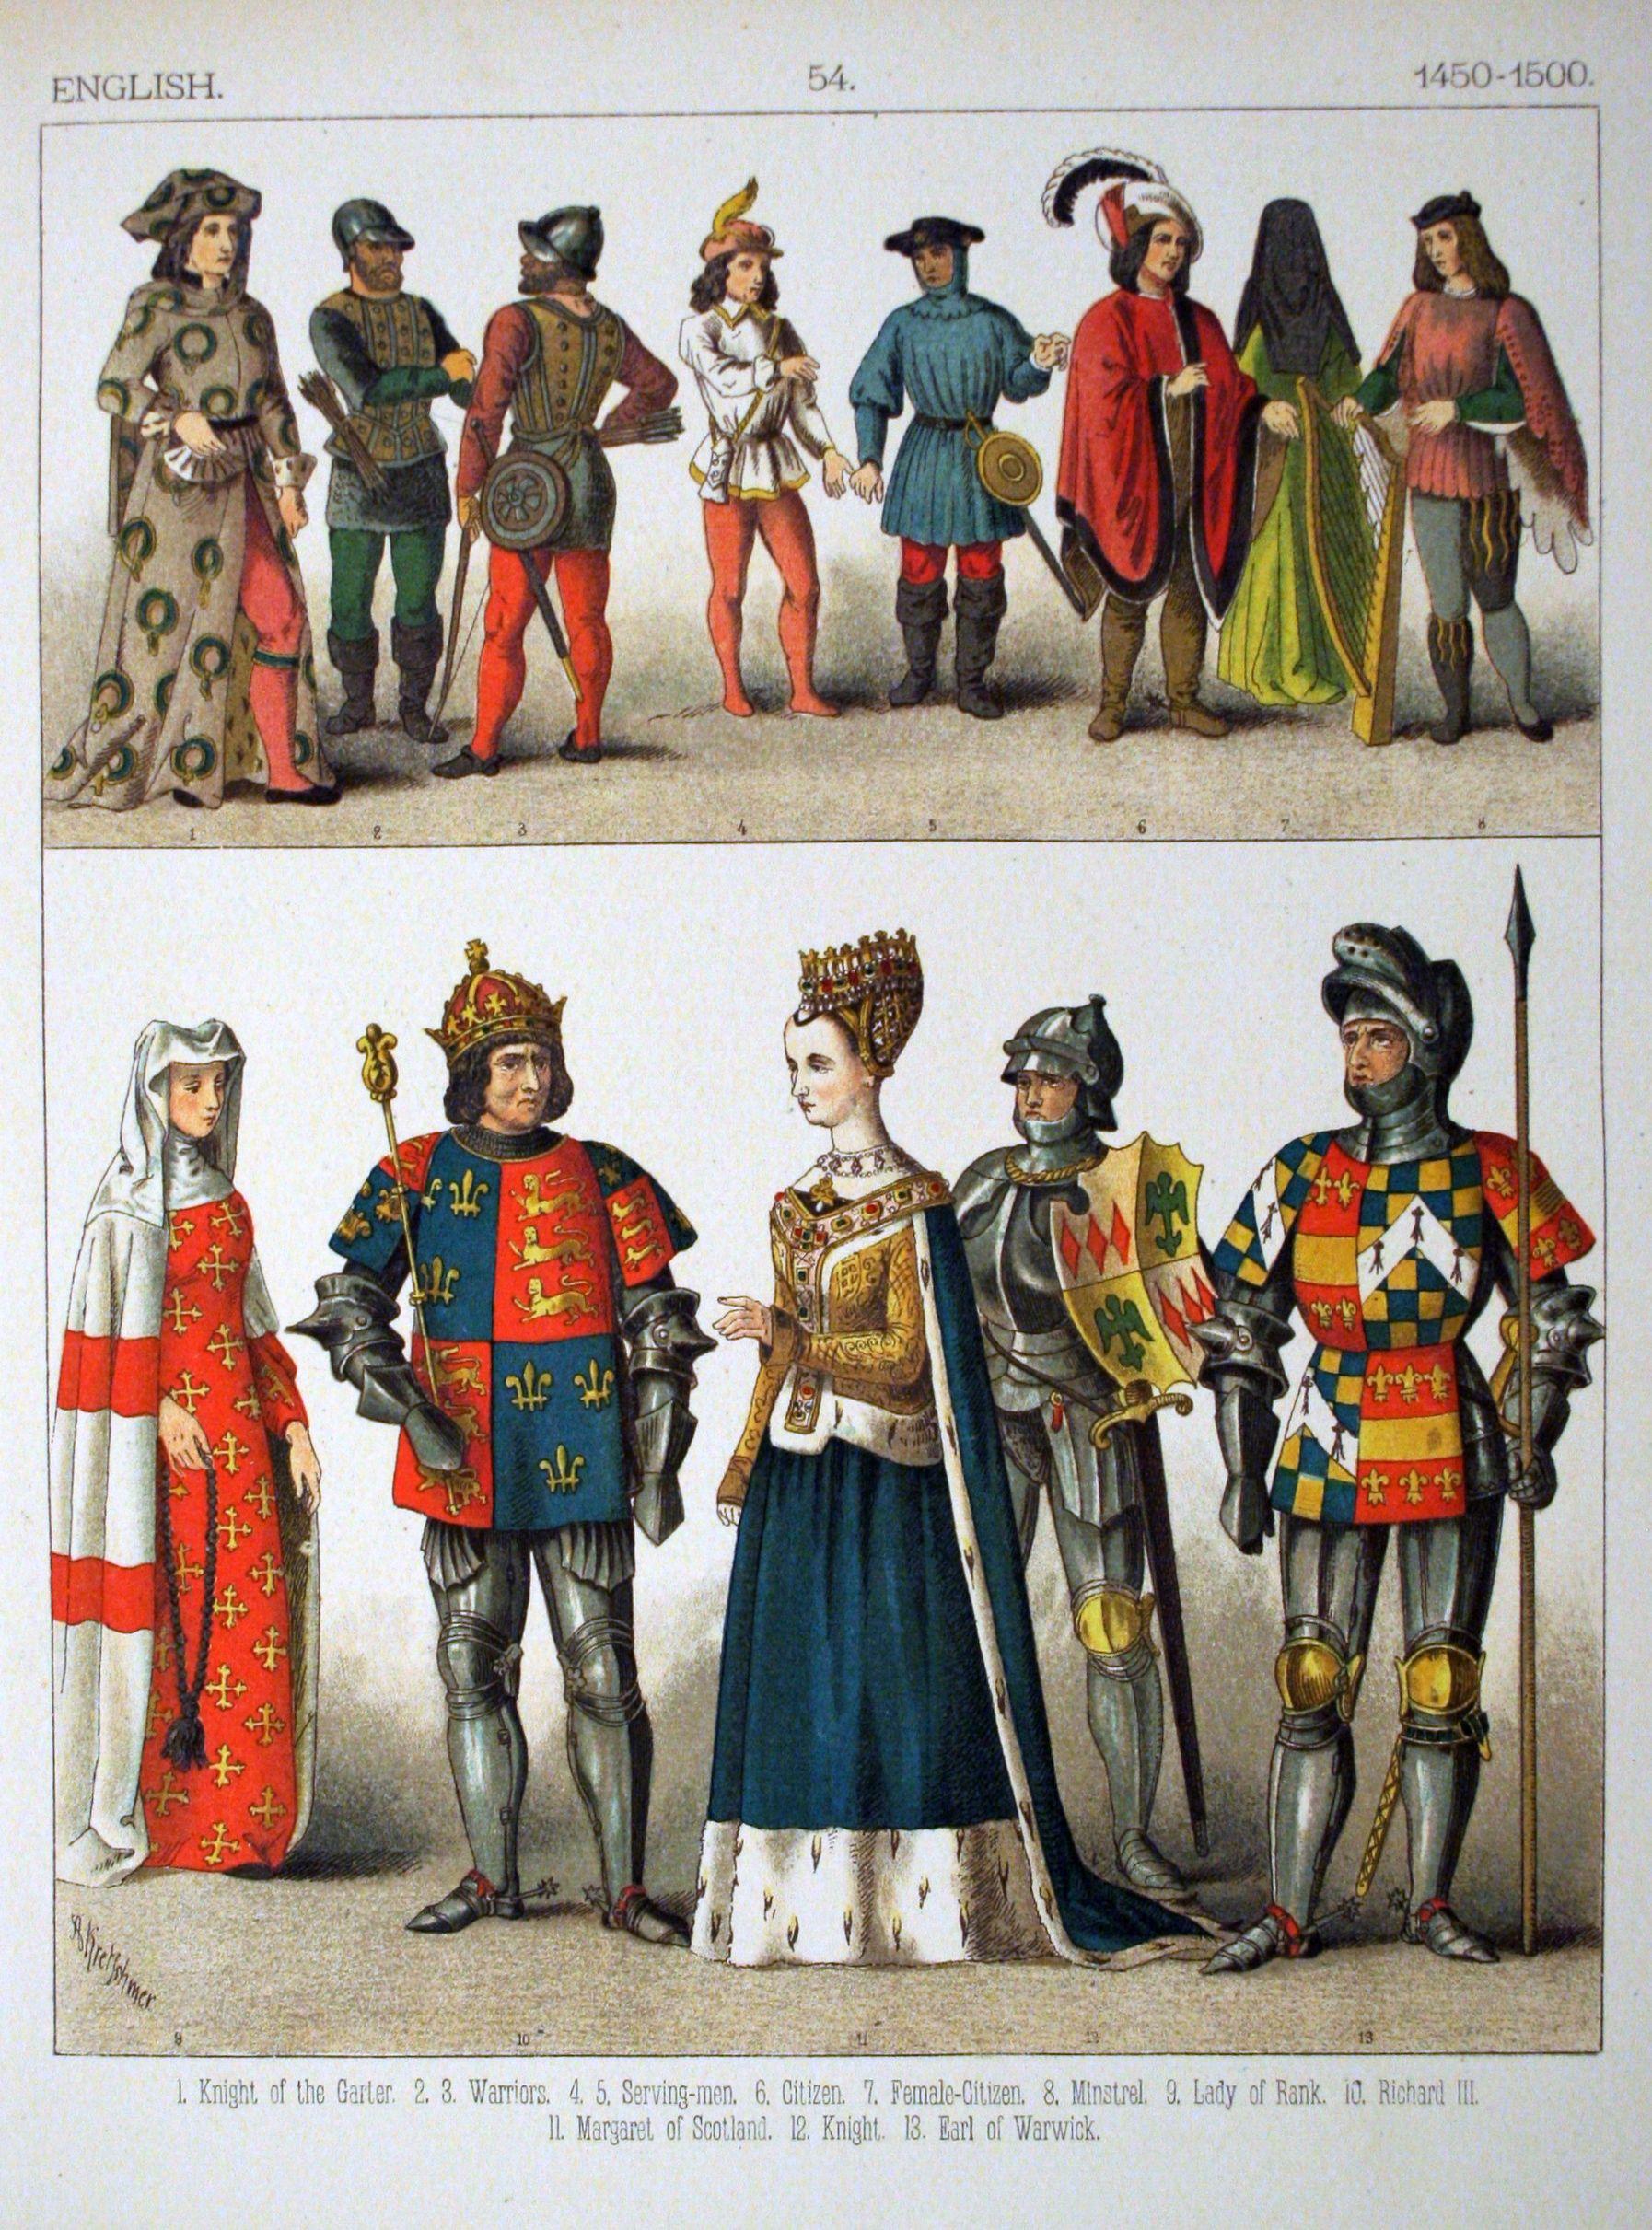 English dress 1350-1400